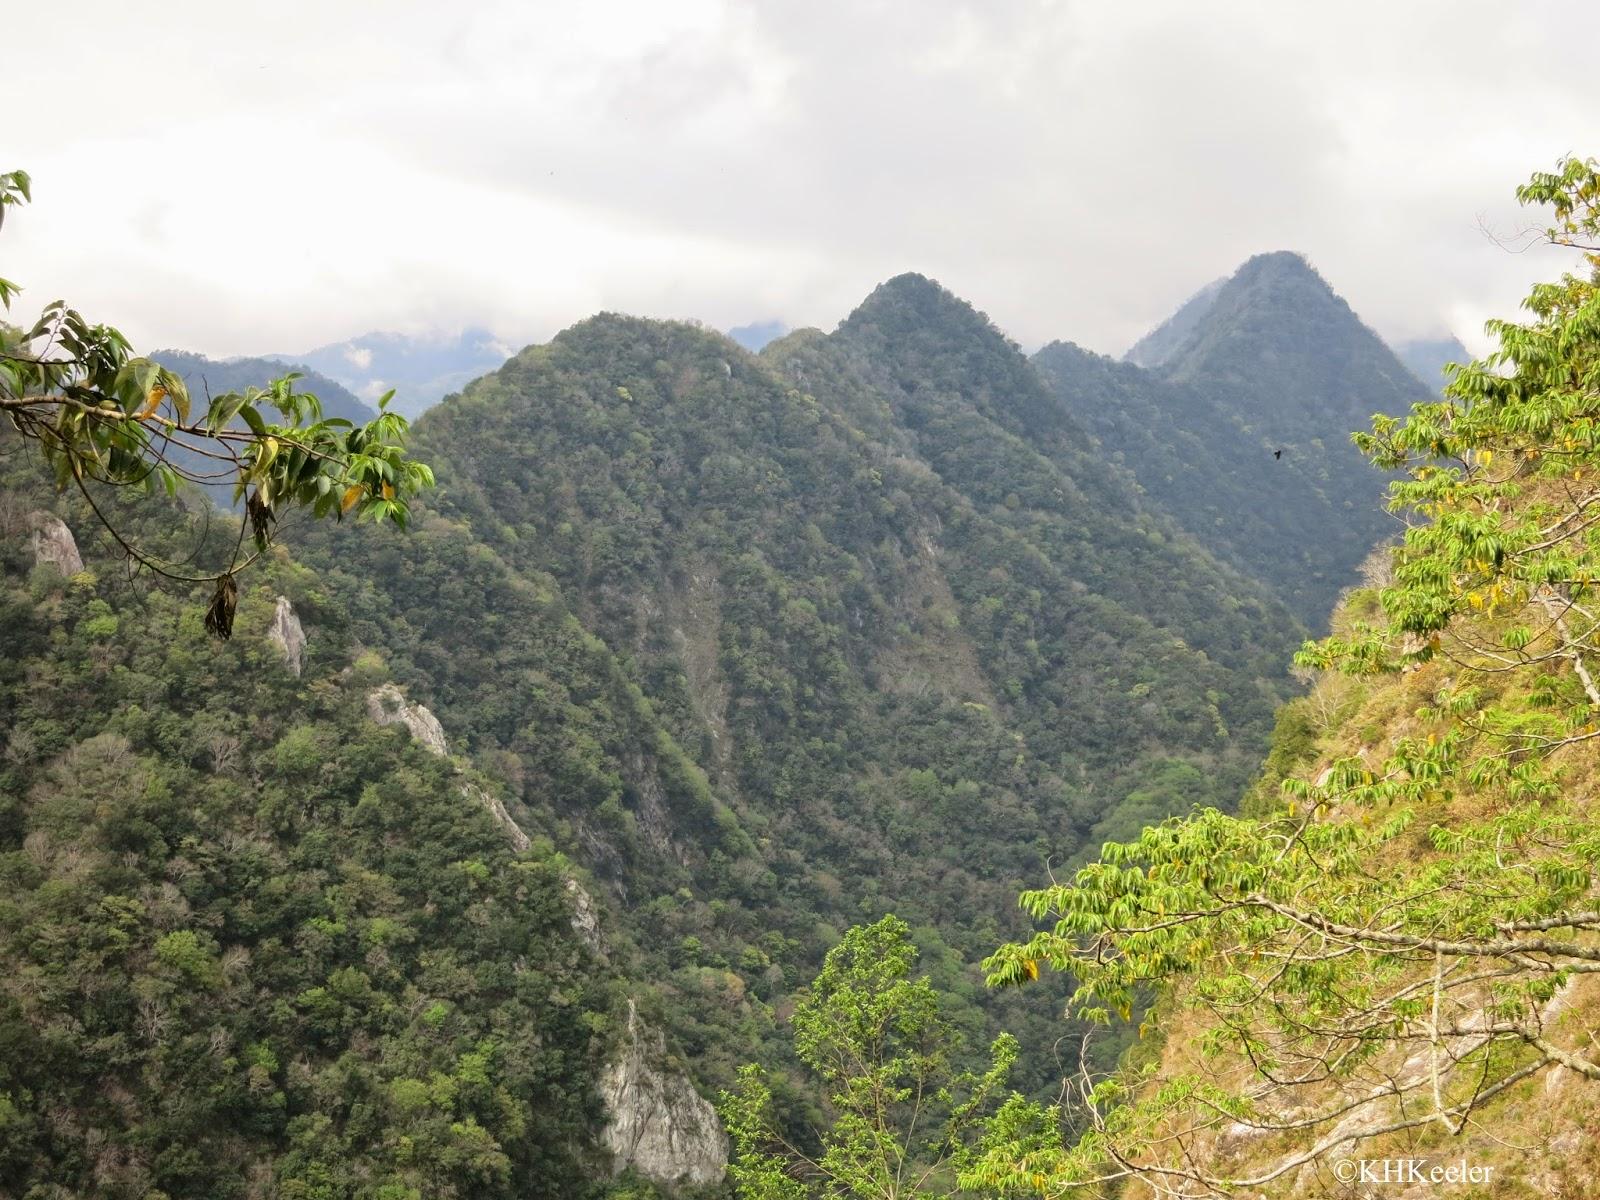 above Taroko Gorge, Taiwan